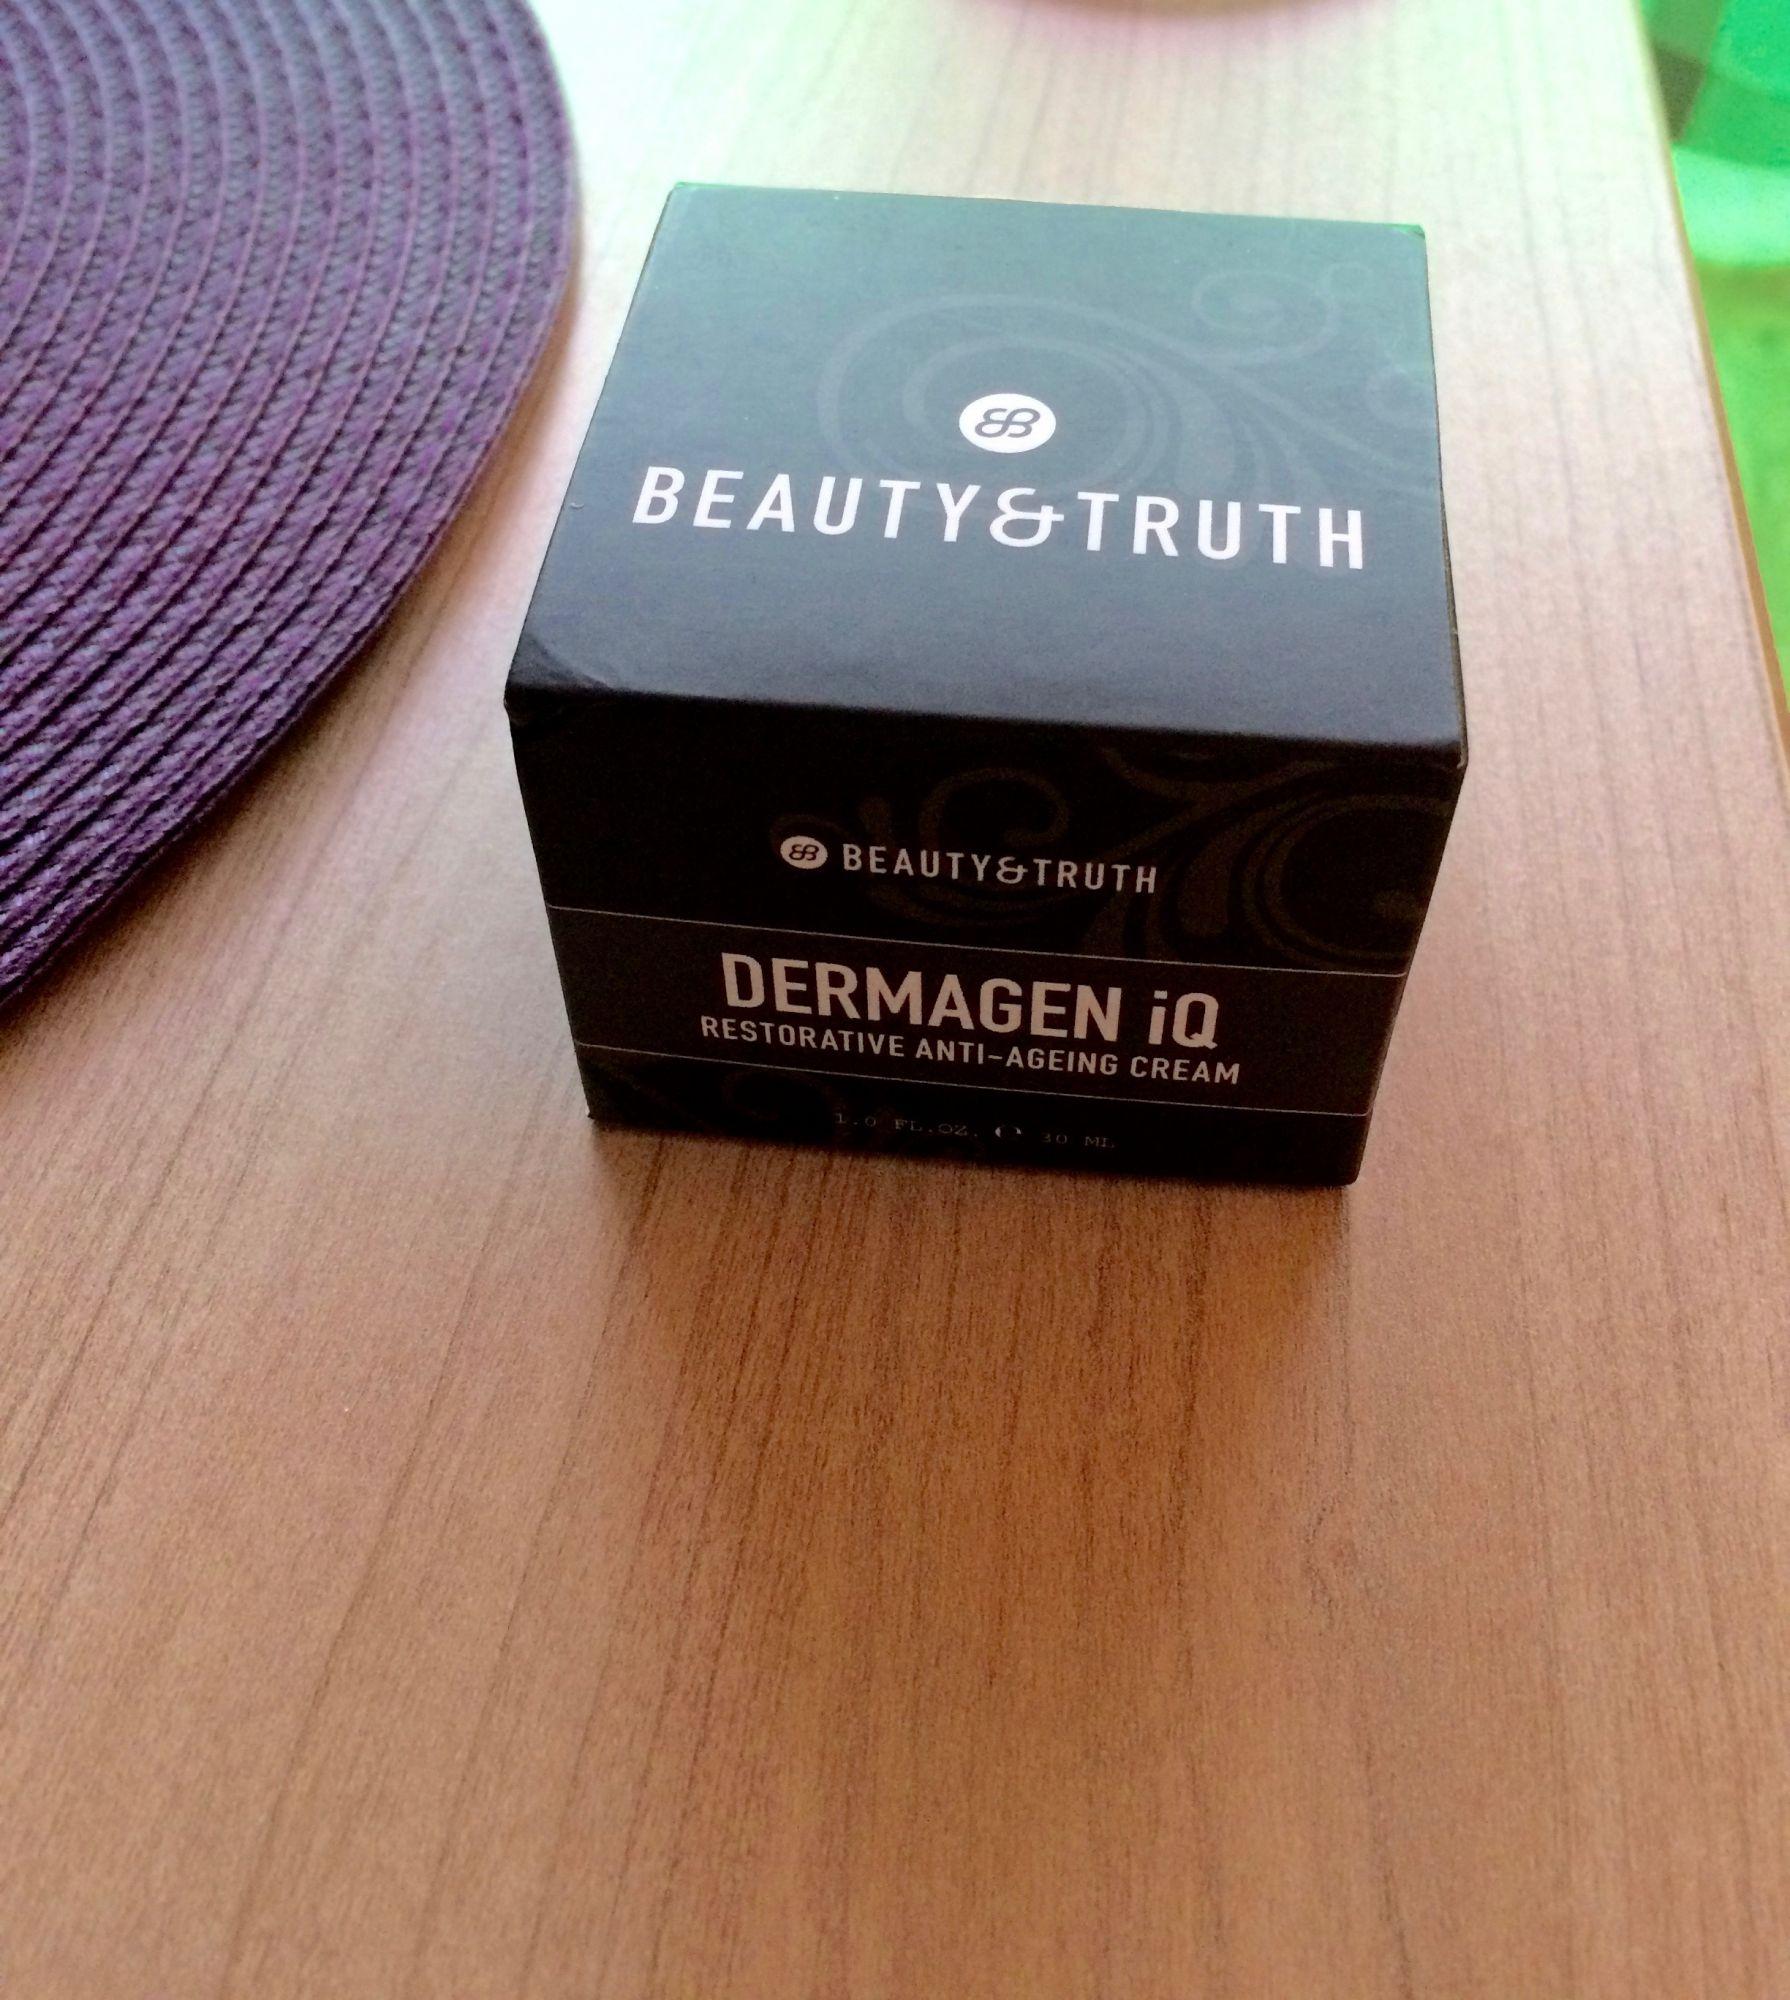 troc et vente de dermagen iq de beauty truth beaut sur trocmebaby. Black Bedroom Furniture Sets. Home Design Ideas